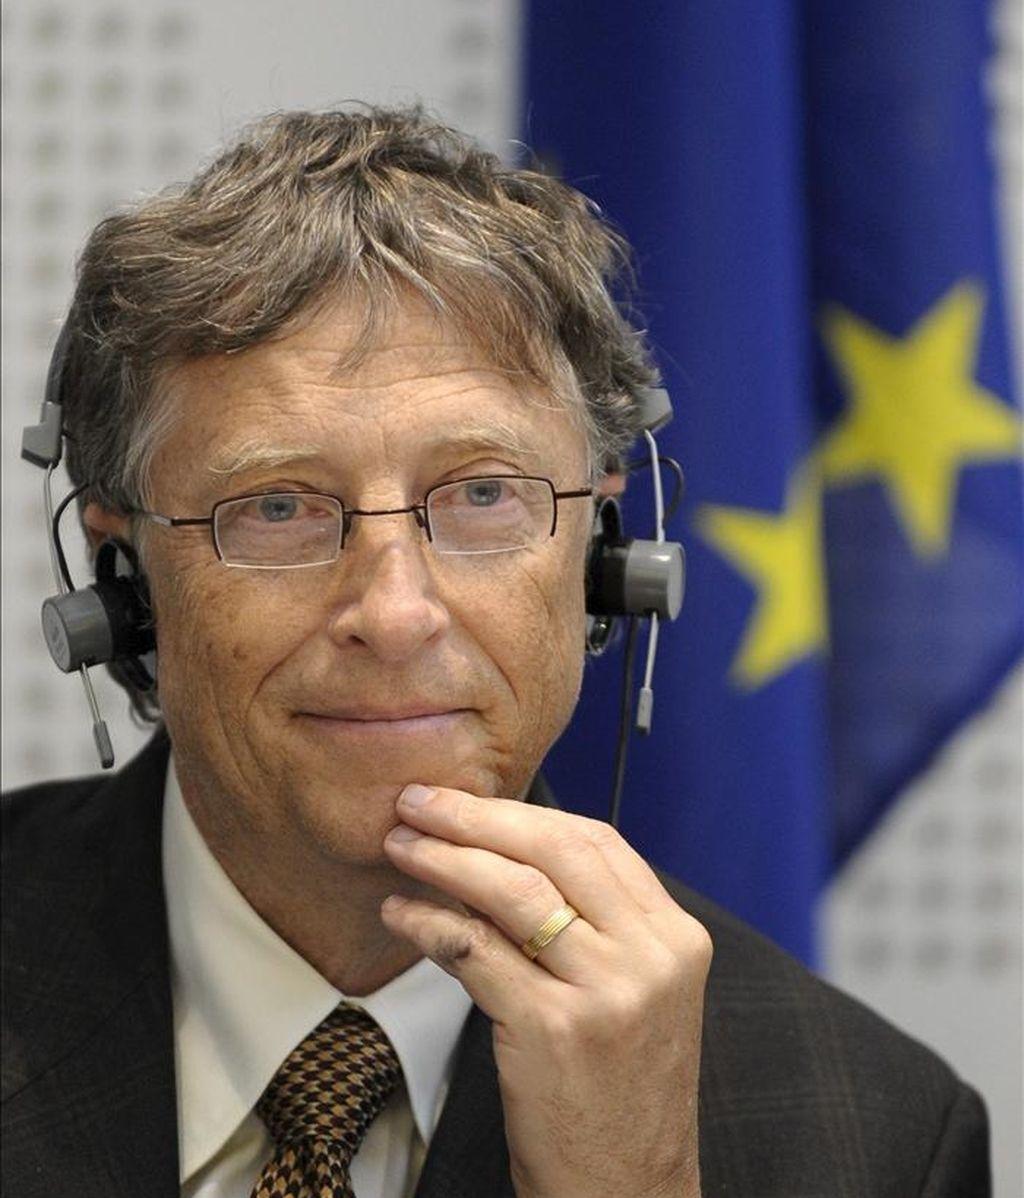 """El cofundador de Microsoft y filántropo Bill Gates asiste a la sesión plenaria del Parlamento Europeo, donde presentó la campaña """"Living Proof"""" sobre el impacto positivo de las inversiones en desarrollo, en Estrasburgo (Francia). EFE"""